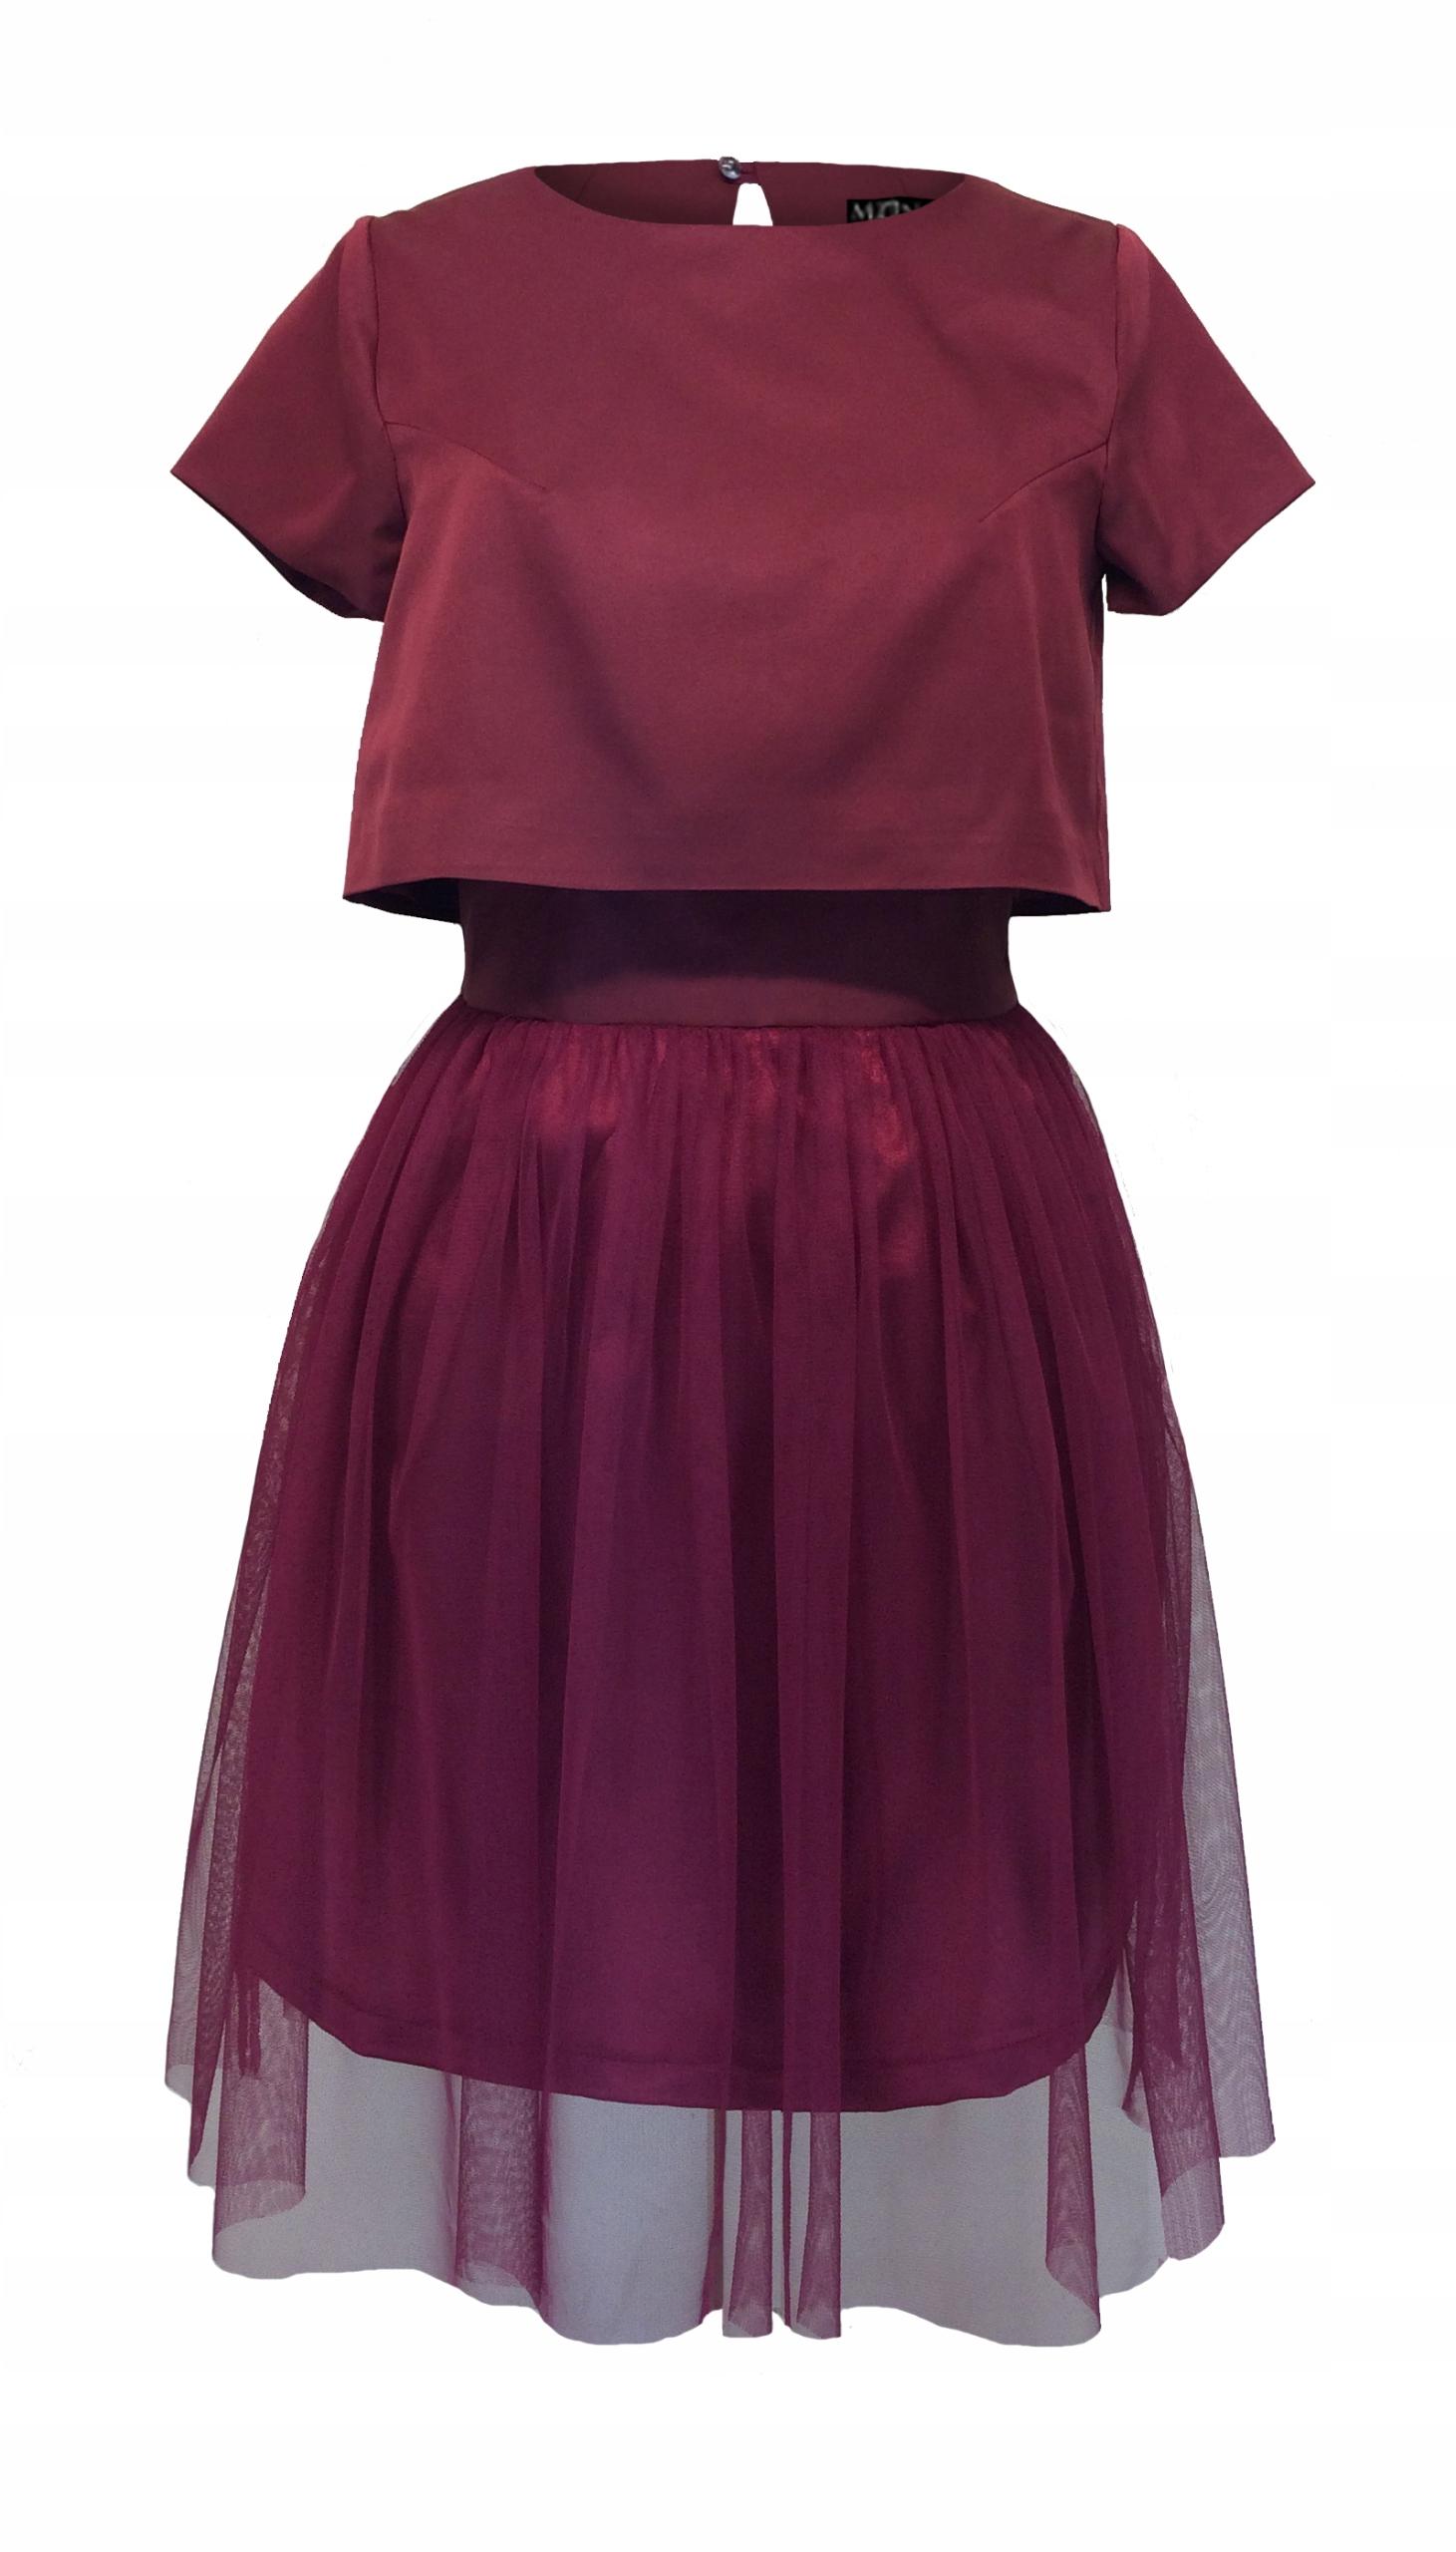 Bordowa sukienka gorsetowa tiulowa z bolerkiem 46